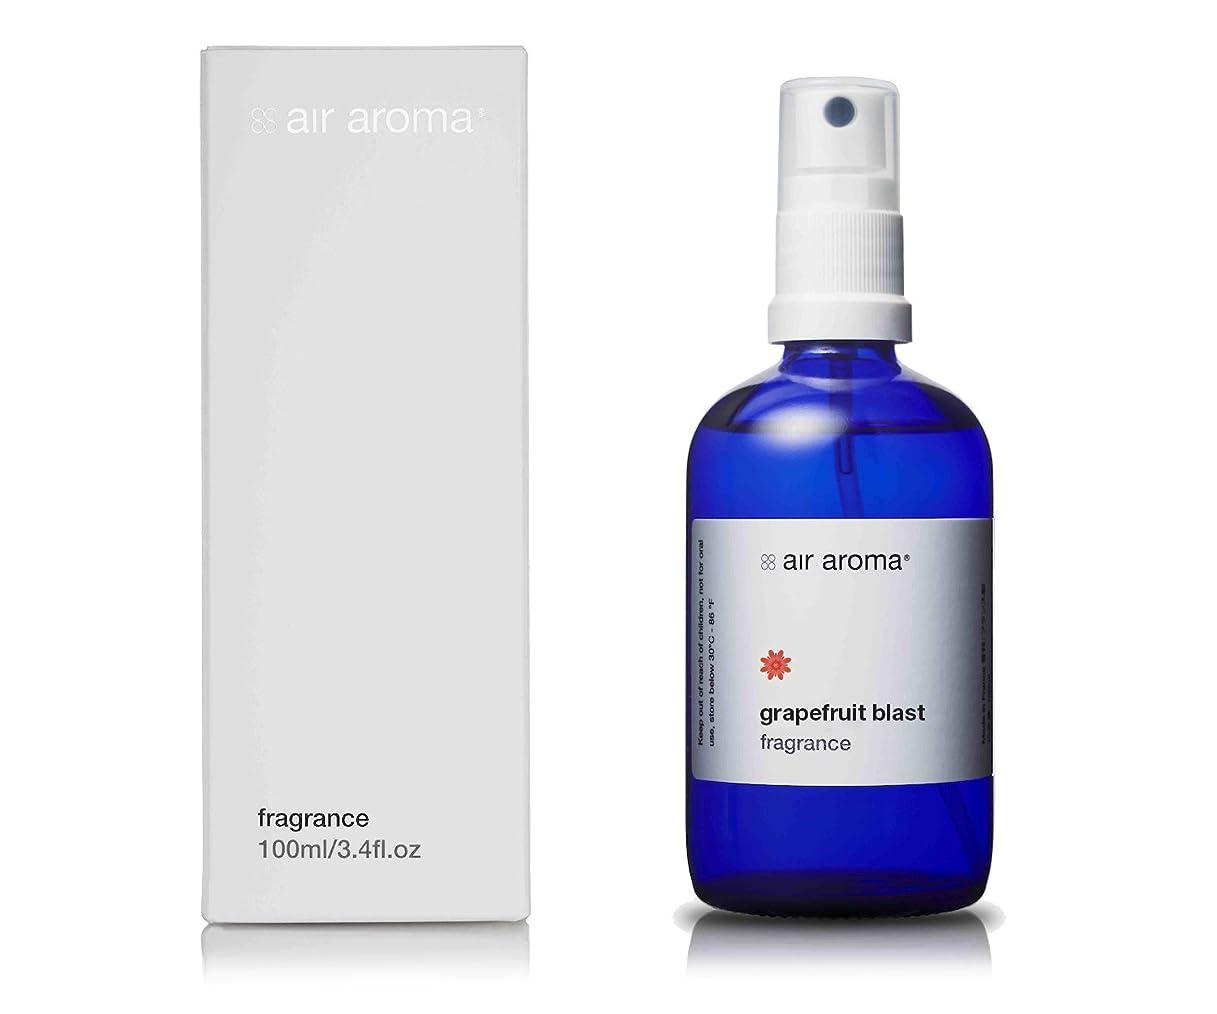 不純幼児略奪エアアロマ grapefruit blast room fragrance(グレープフルーツブラストルームフレグランス)100ml